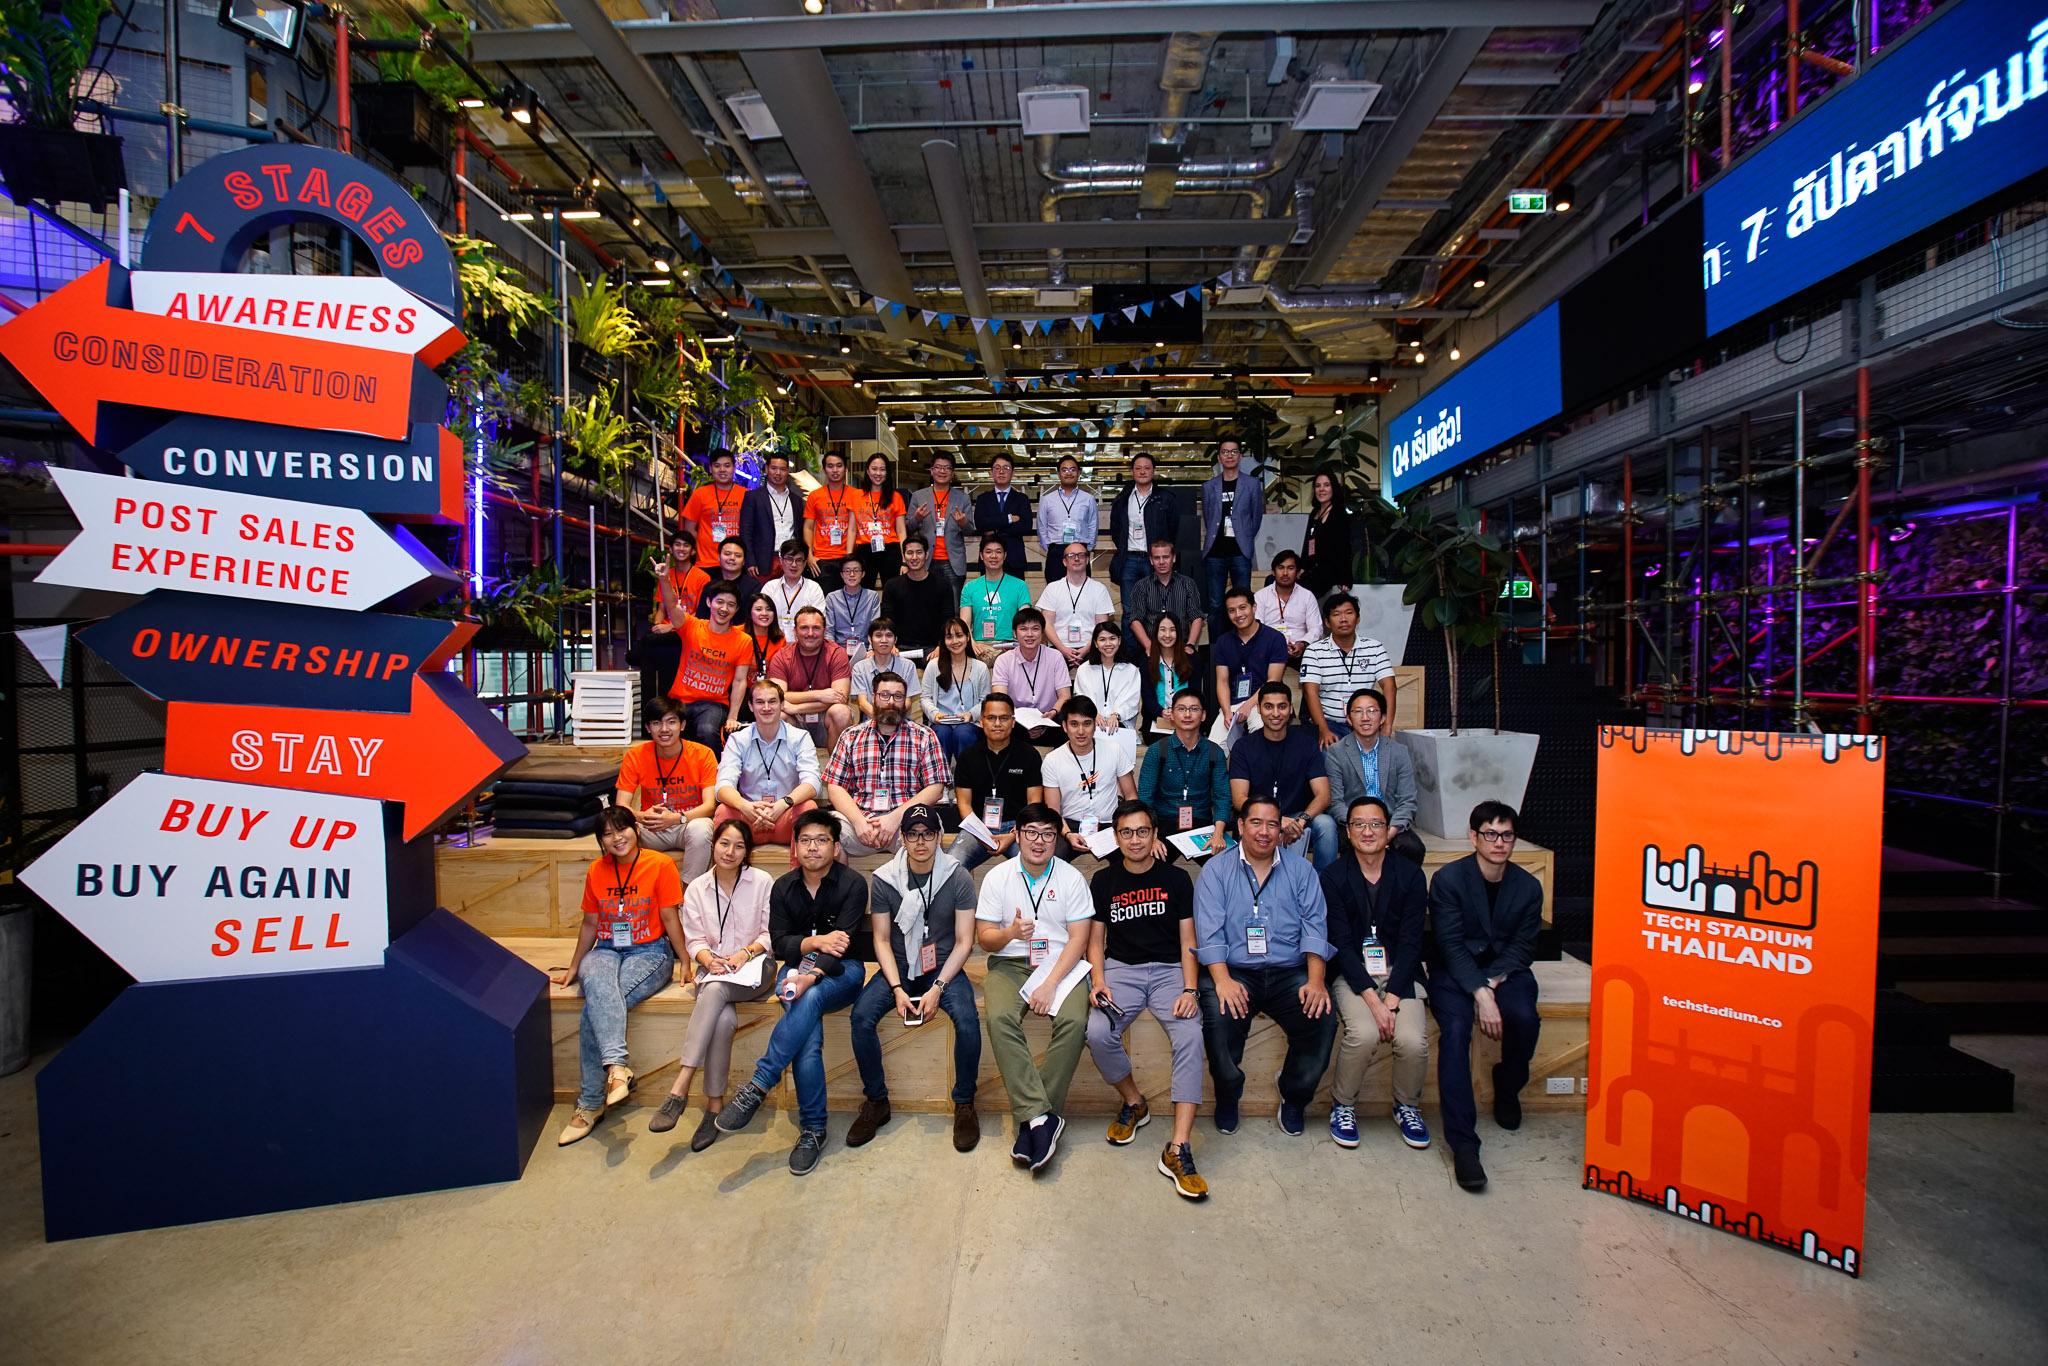 Tech_Stadium_thailand_Its_a_deal_term_sheet_bootcamp_Group_photo.jpg